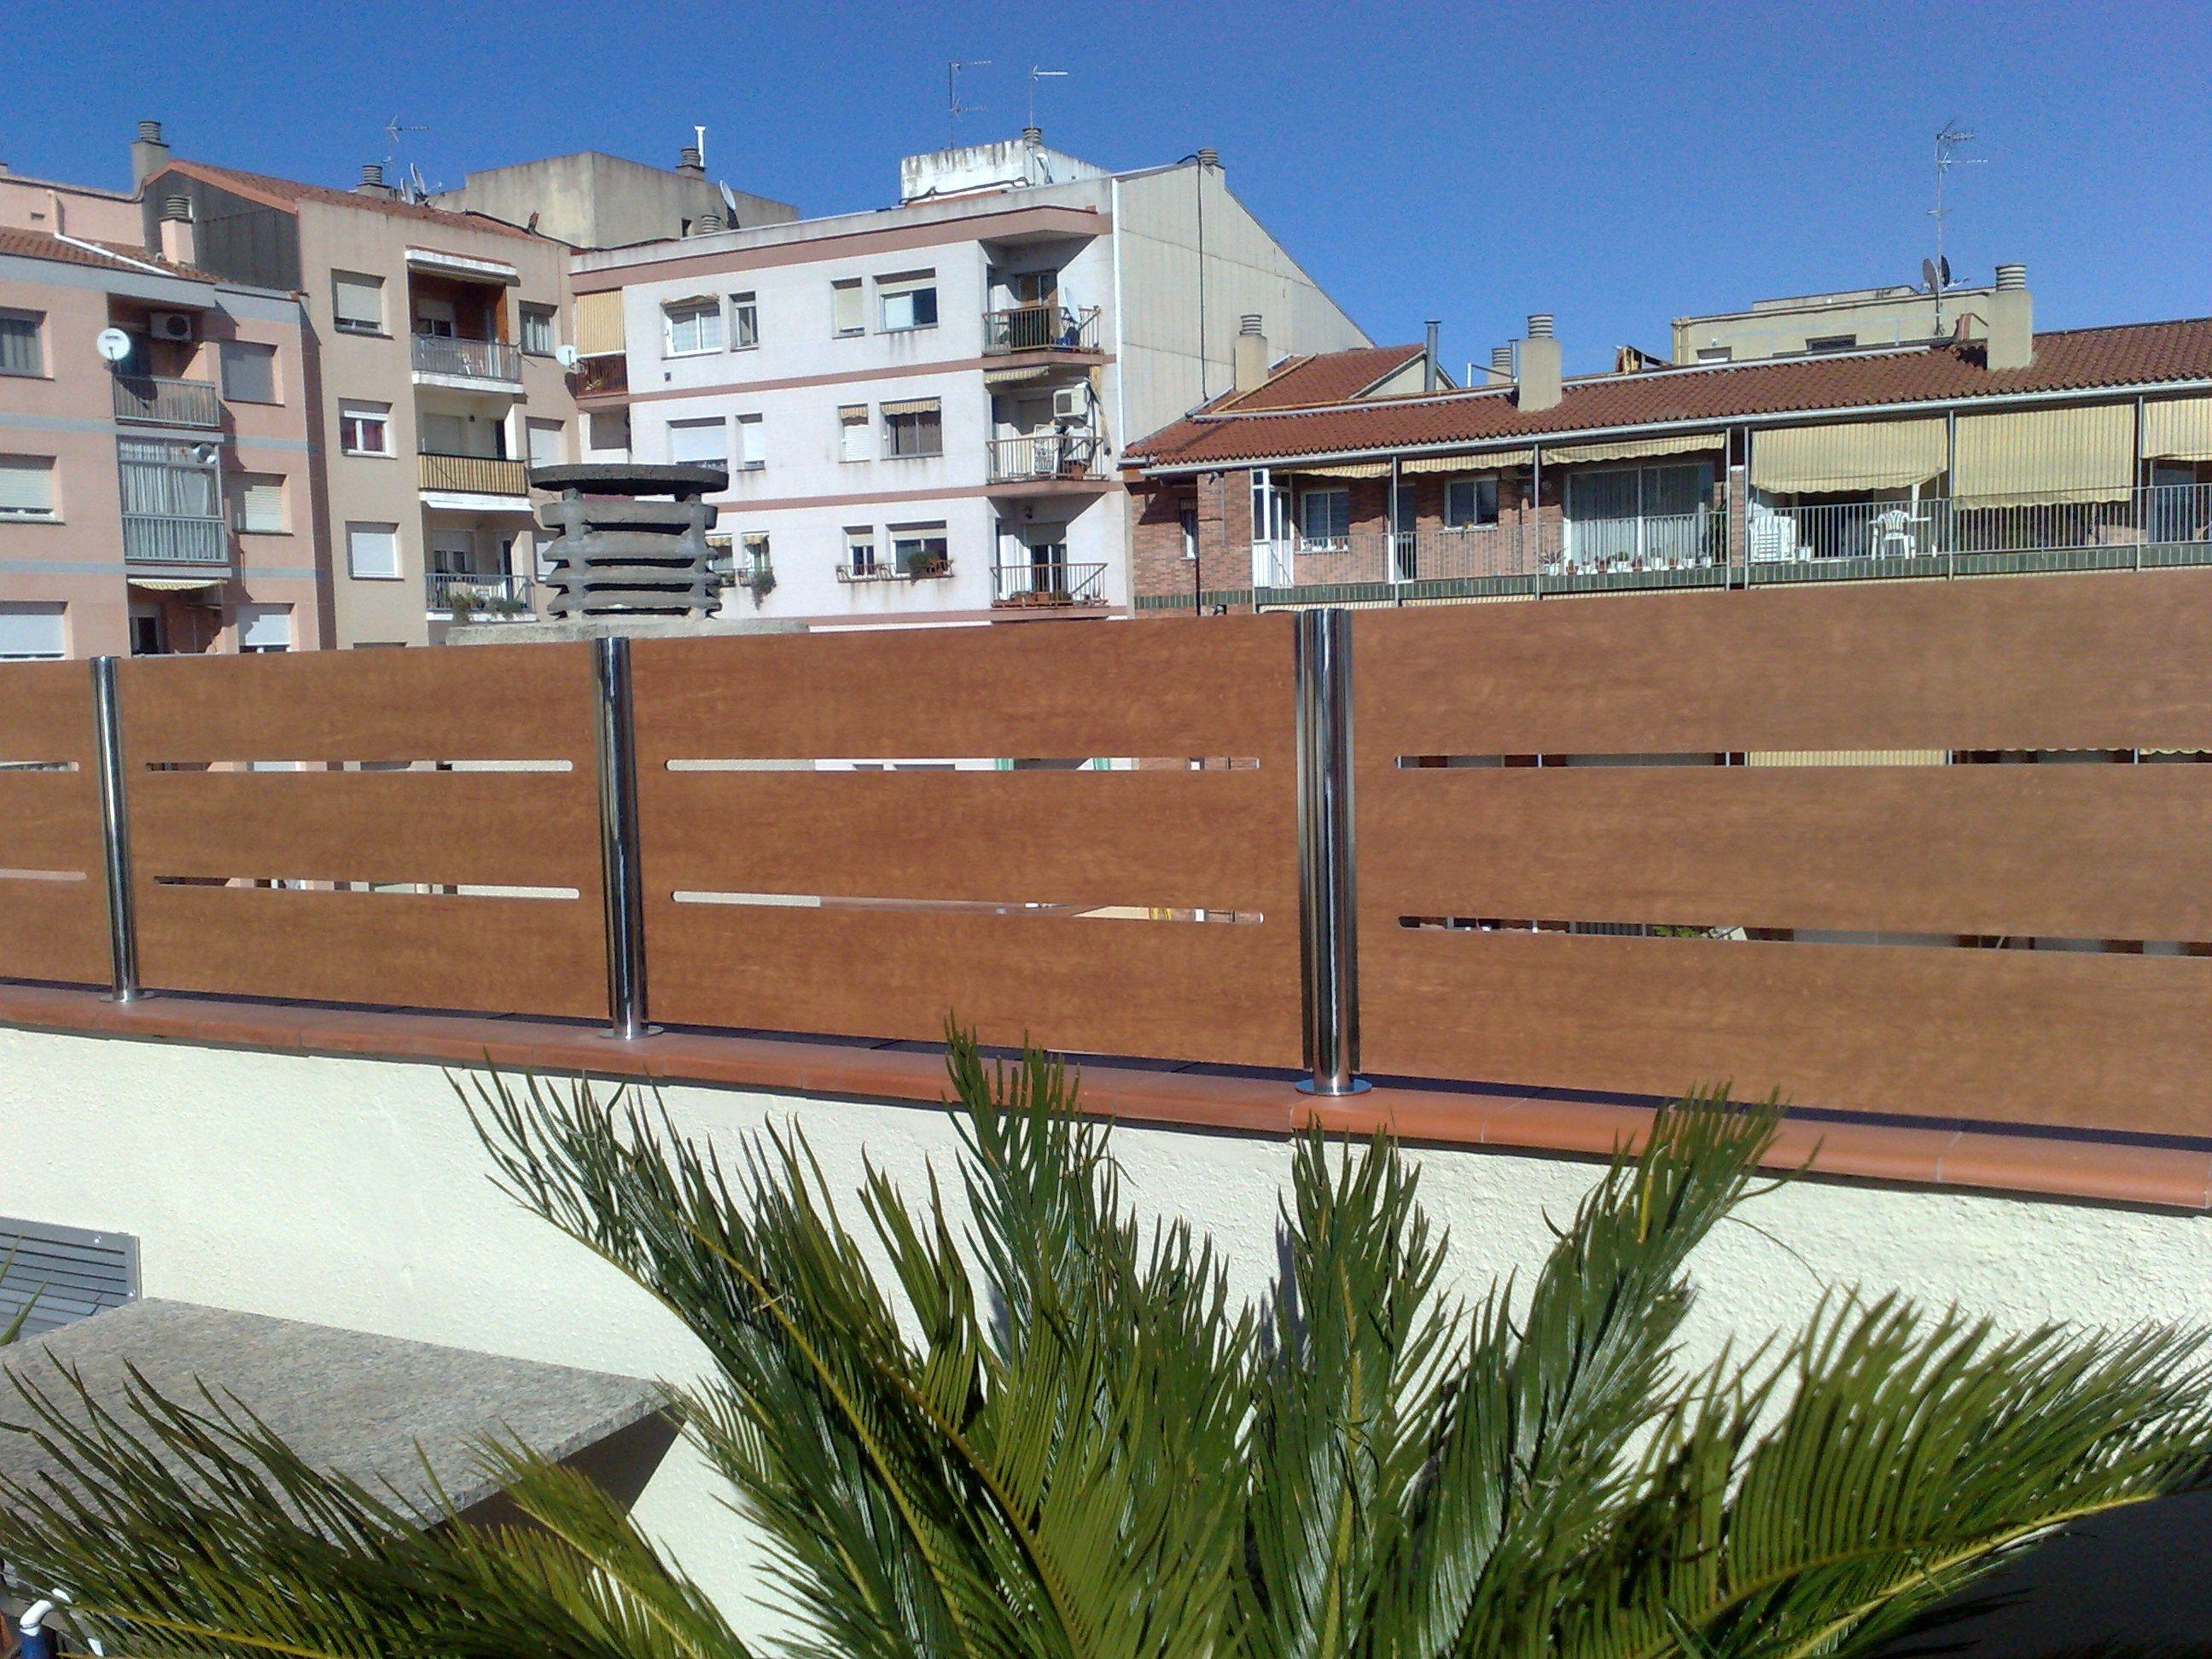 Valla de ocultaci n residencial con plaf n de compacto - Vallas para muros ...